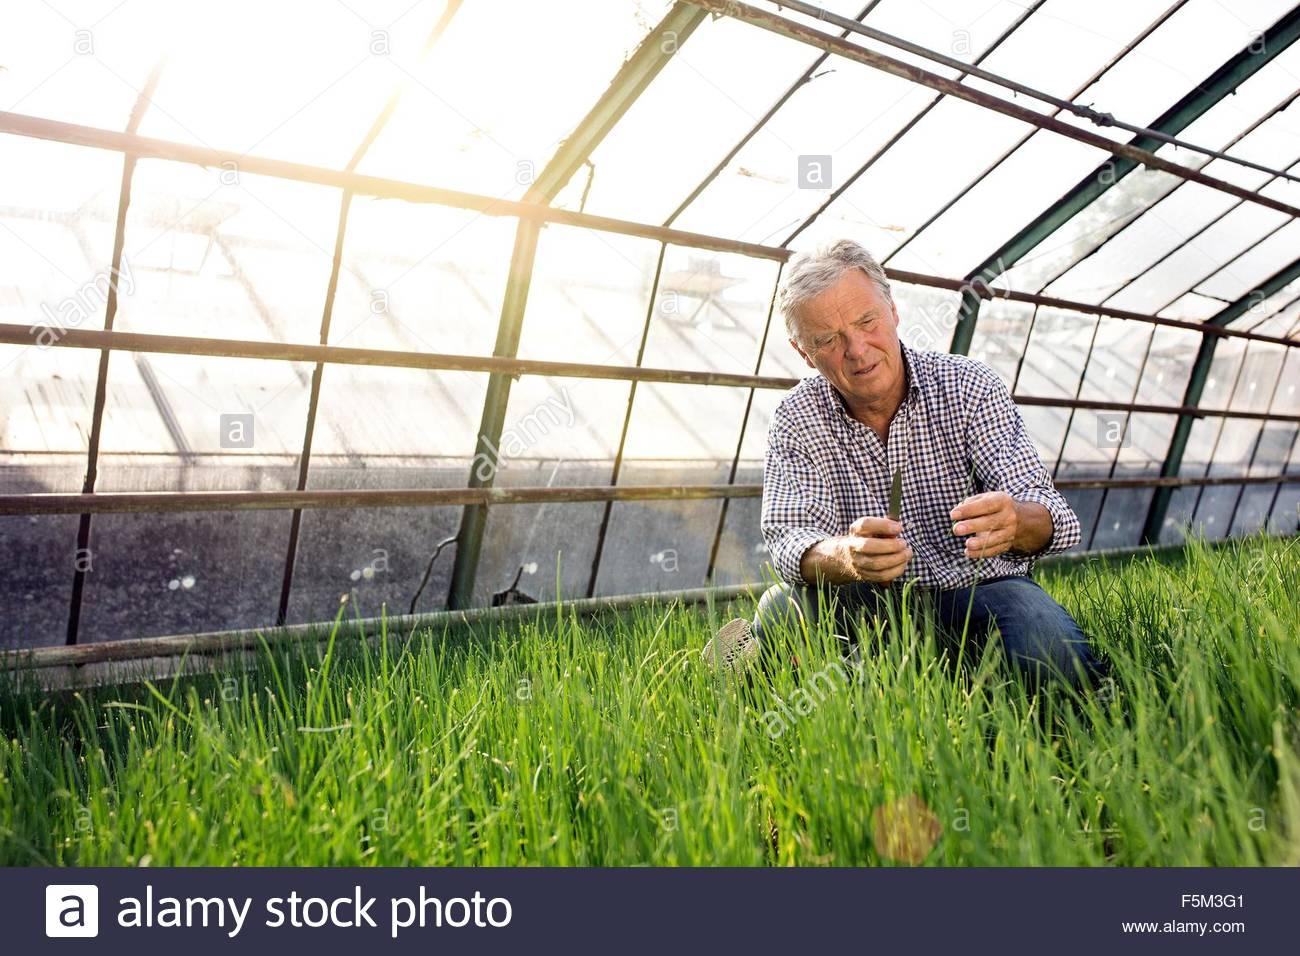 El hombre superior en control de calidad de plantas de invernadero Imagen De Stock